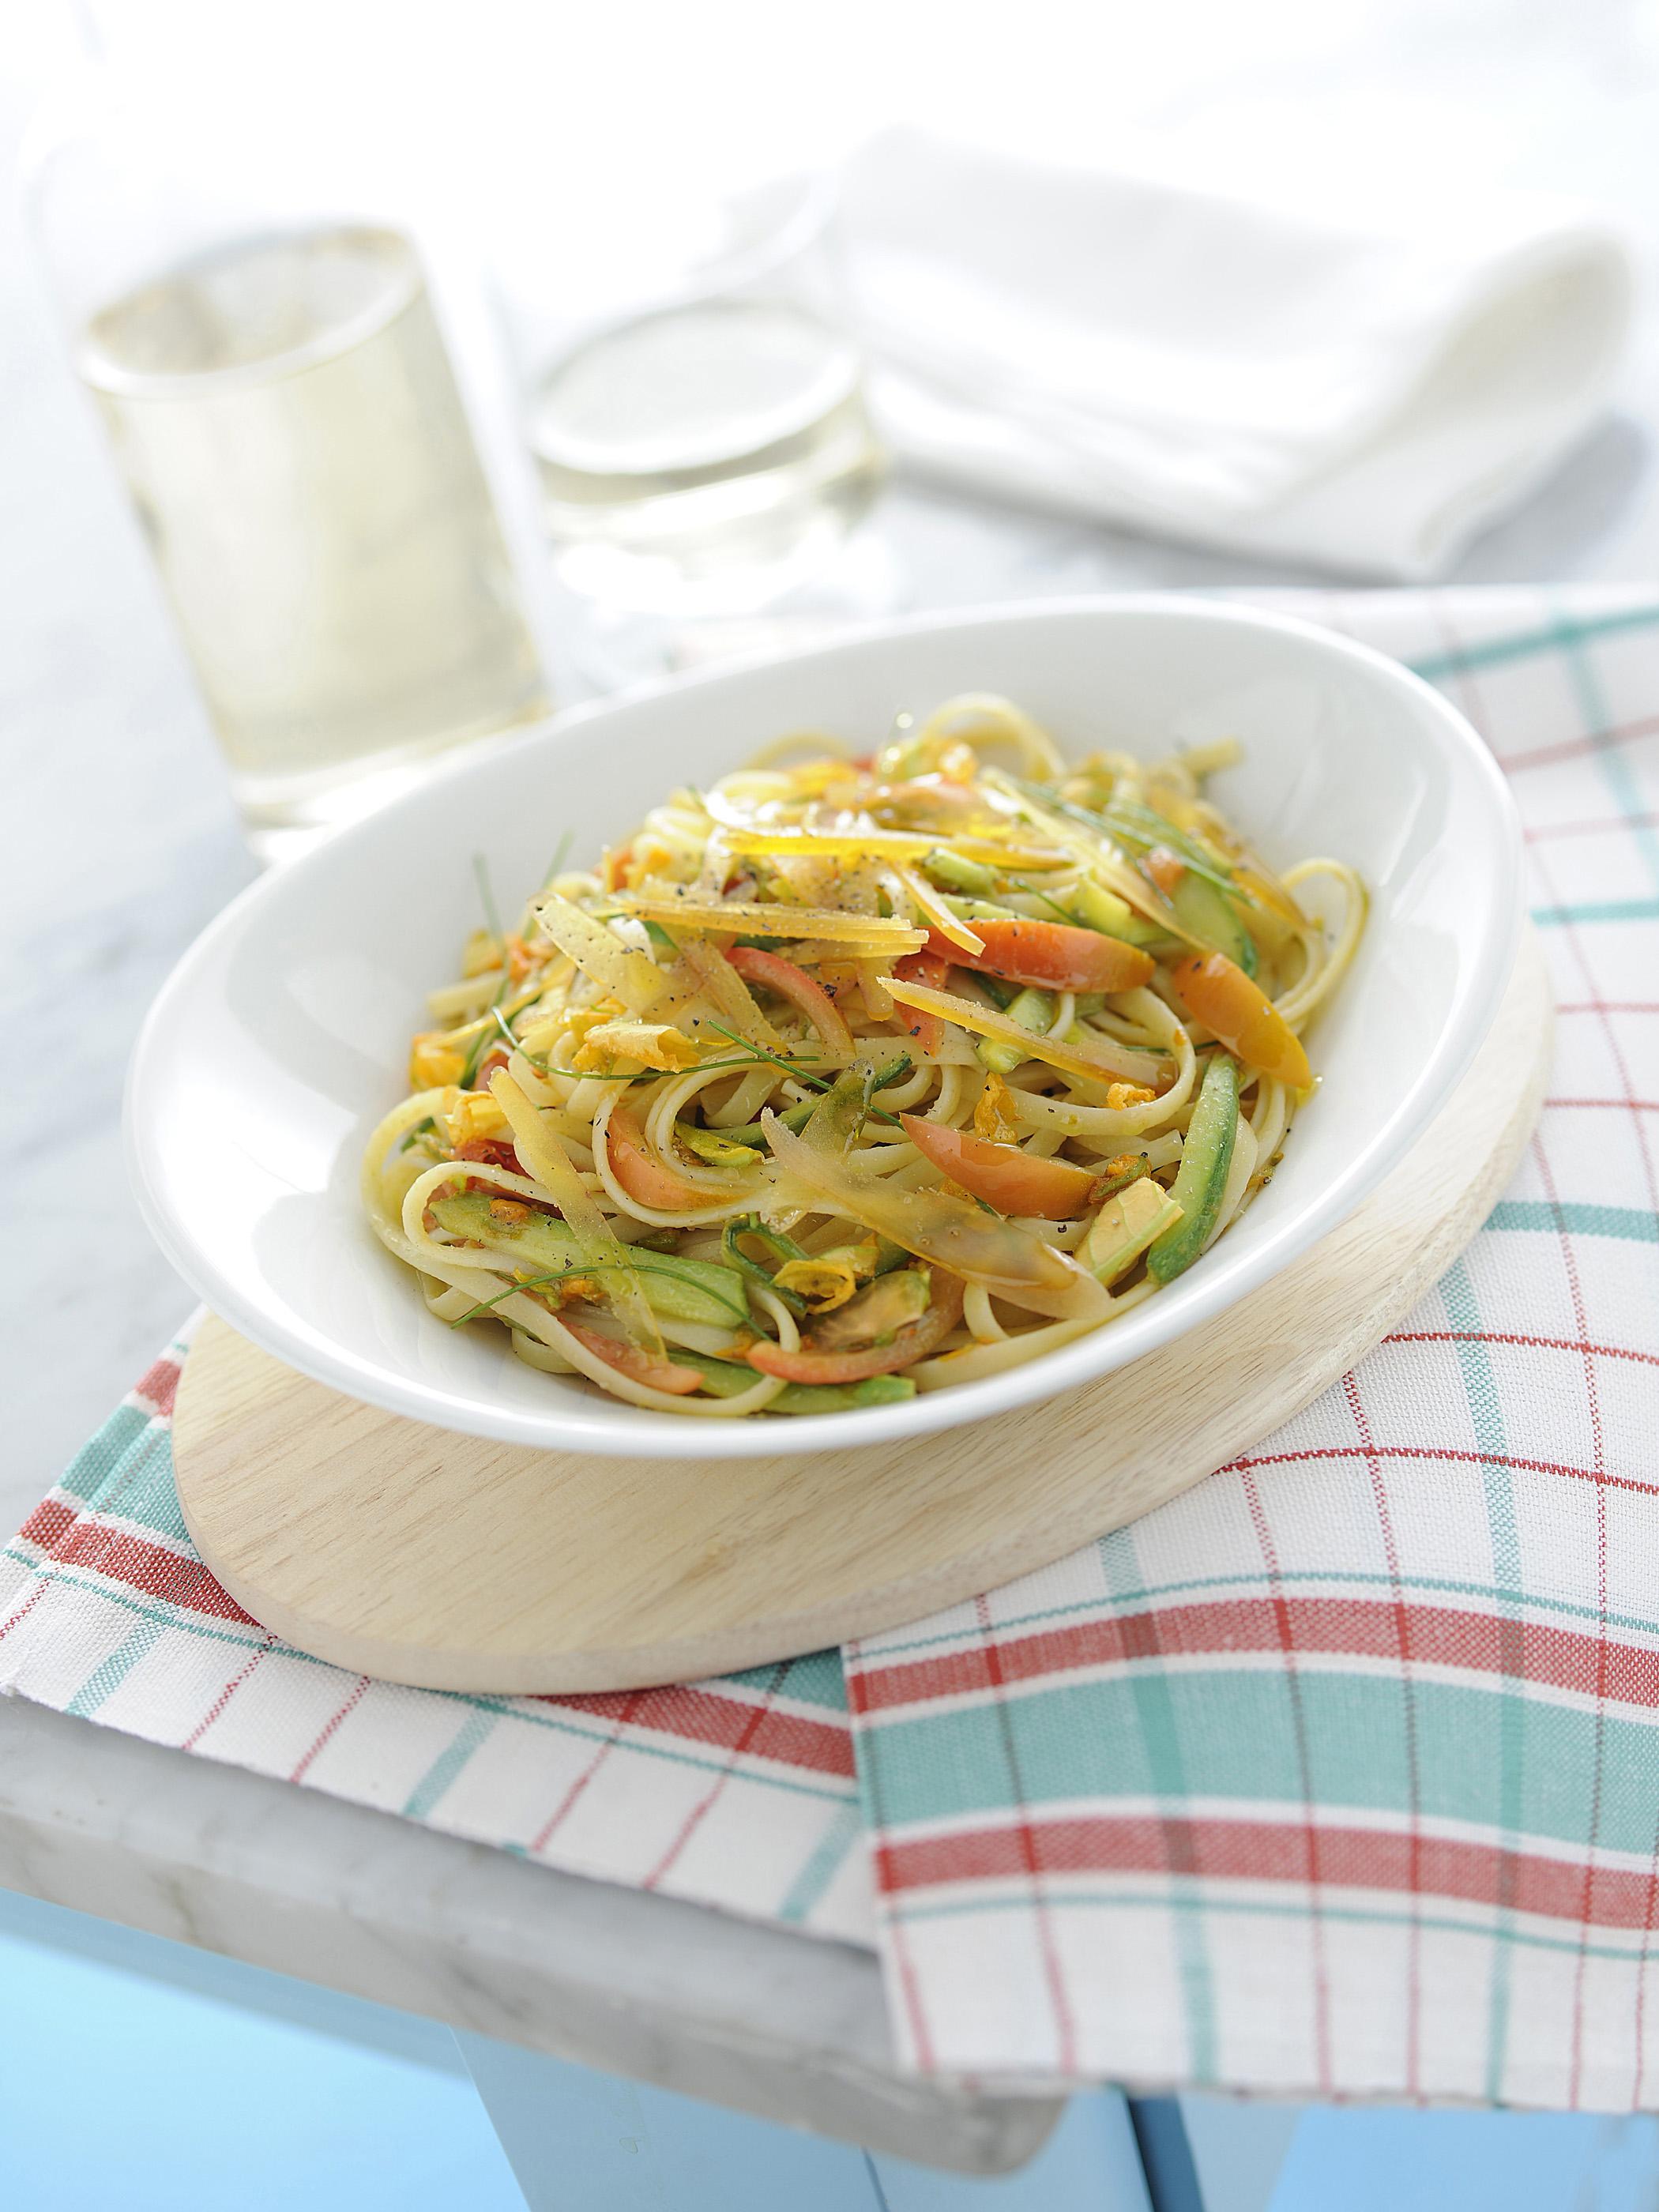 Fiori Zucchine Ricette.Le 10 Migliori Ricette Con I Fiori Di Zucca Sale Pepe